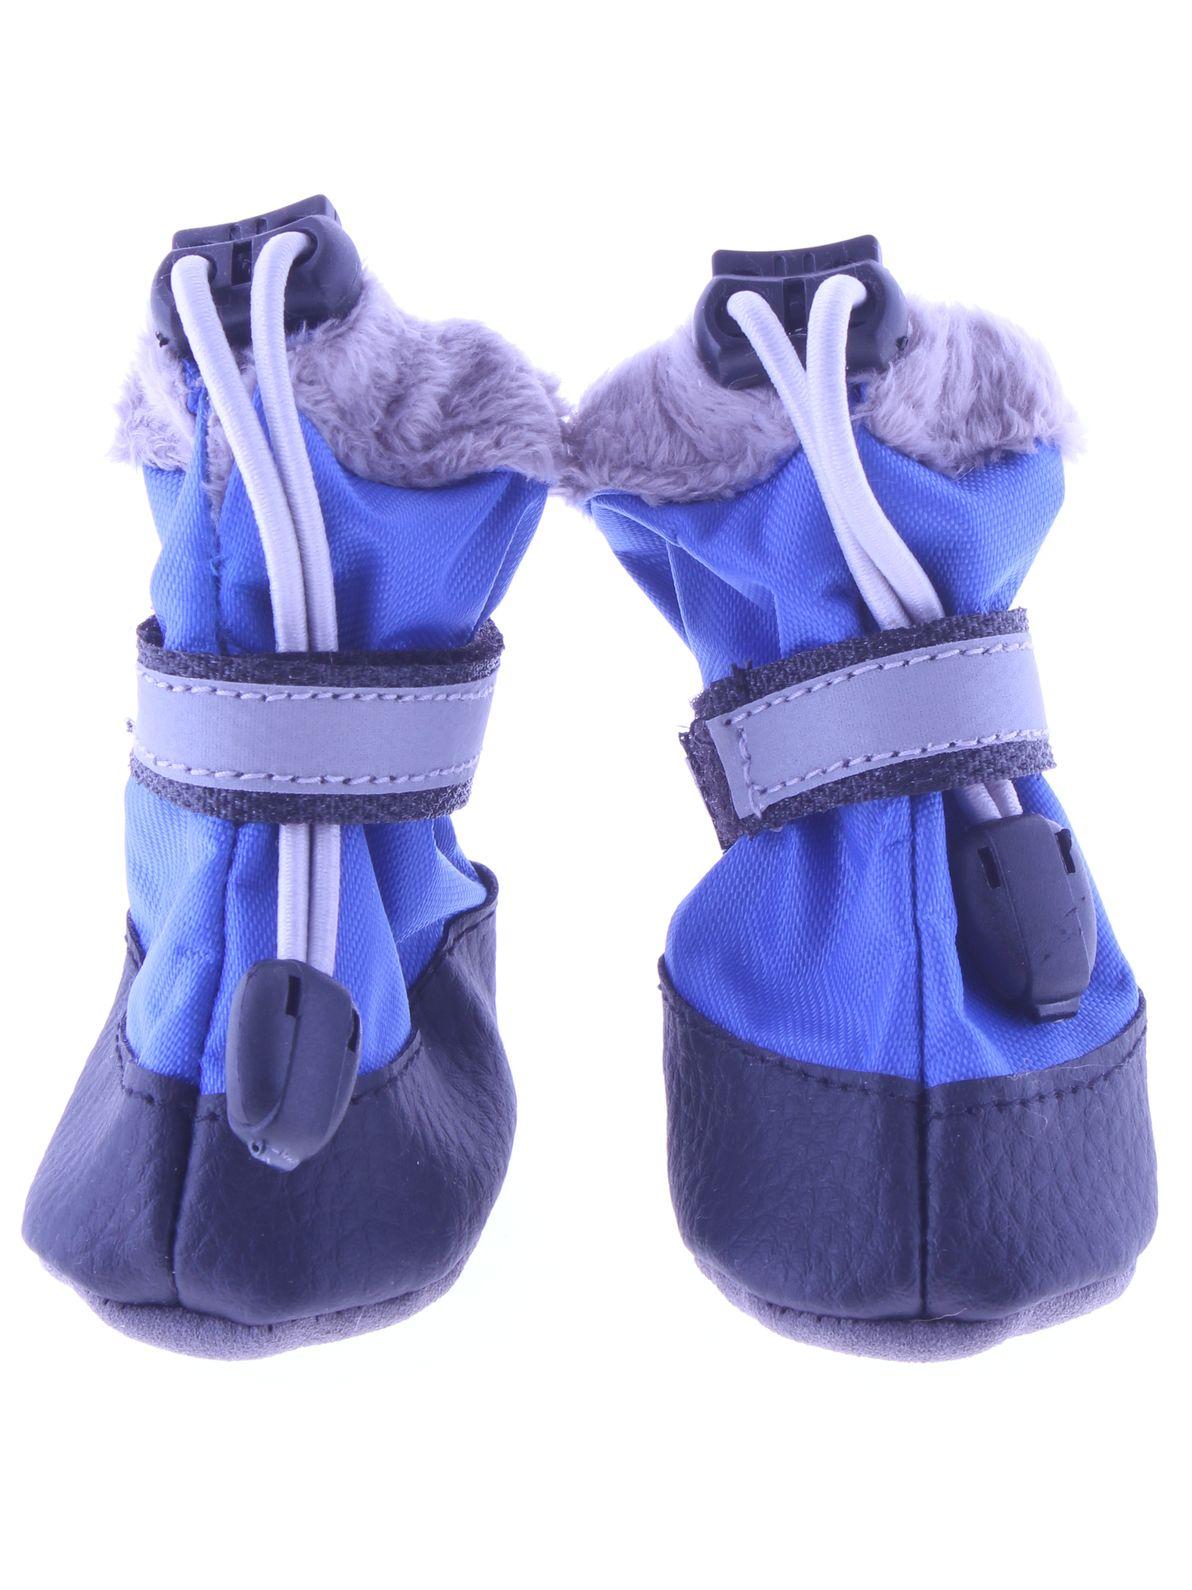 Фото - Обувь для животных ЗООМАНИЯ 7426936750292 interight пара обувь повседневная обувь плоская обувь вождение обувь горох обувь серый 235 метров